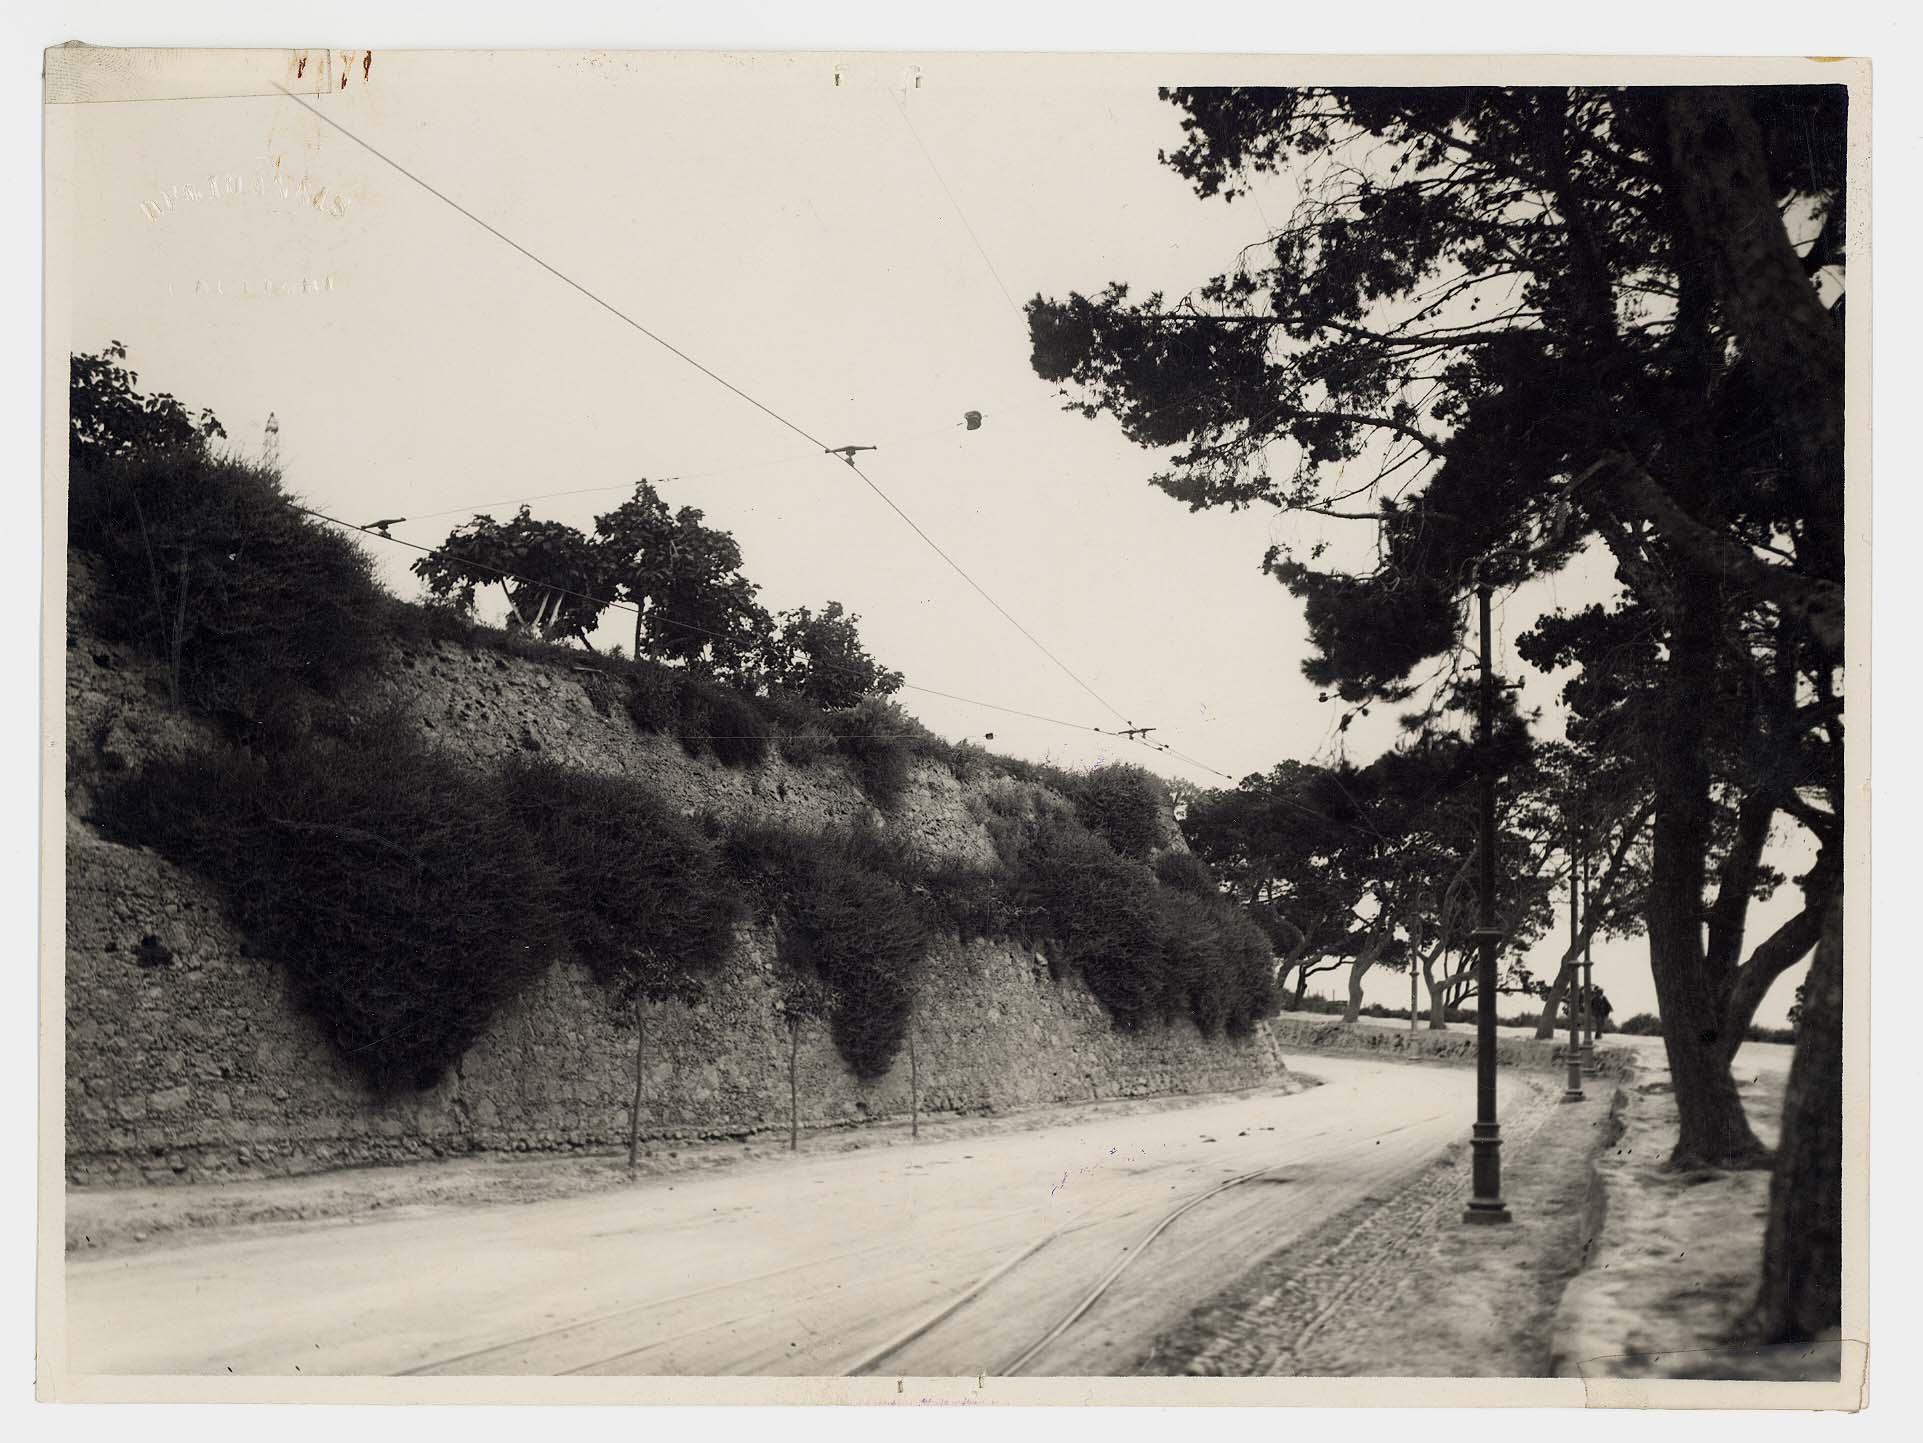 Archivio Comunale - 1930 - Topografia_jpg_foto 0014 3-3